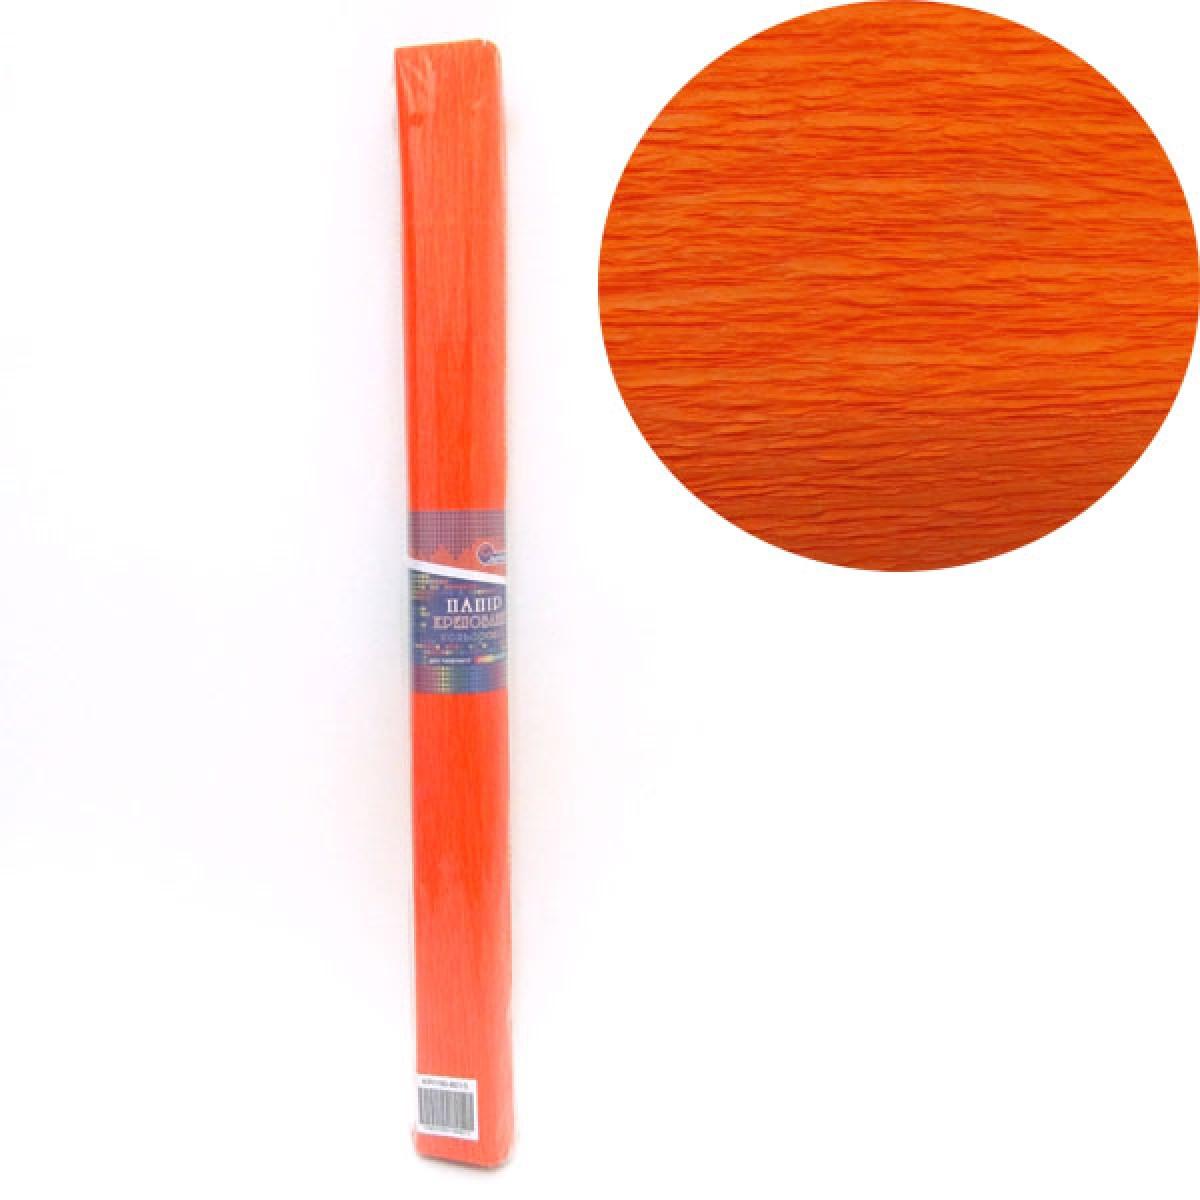 Креп-бумага 150%, оранжевый 50*200см, 1pc/OPP, осн.95г/м2, общ.238г/м2